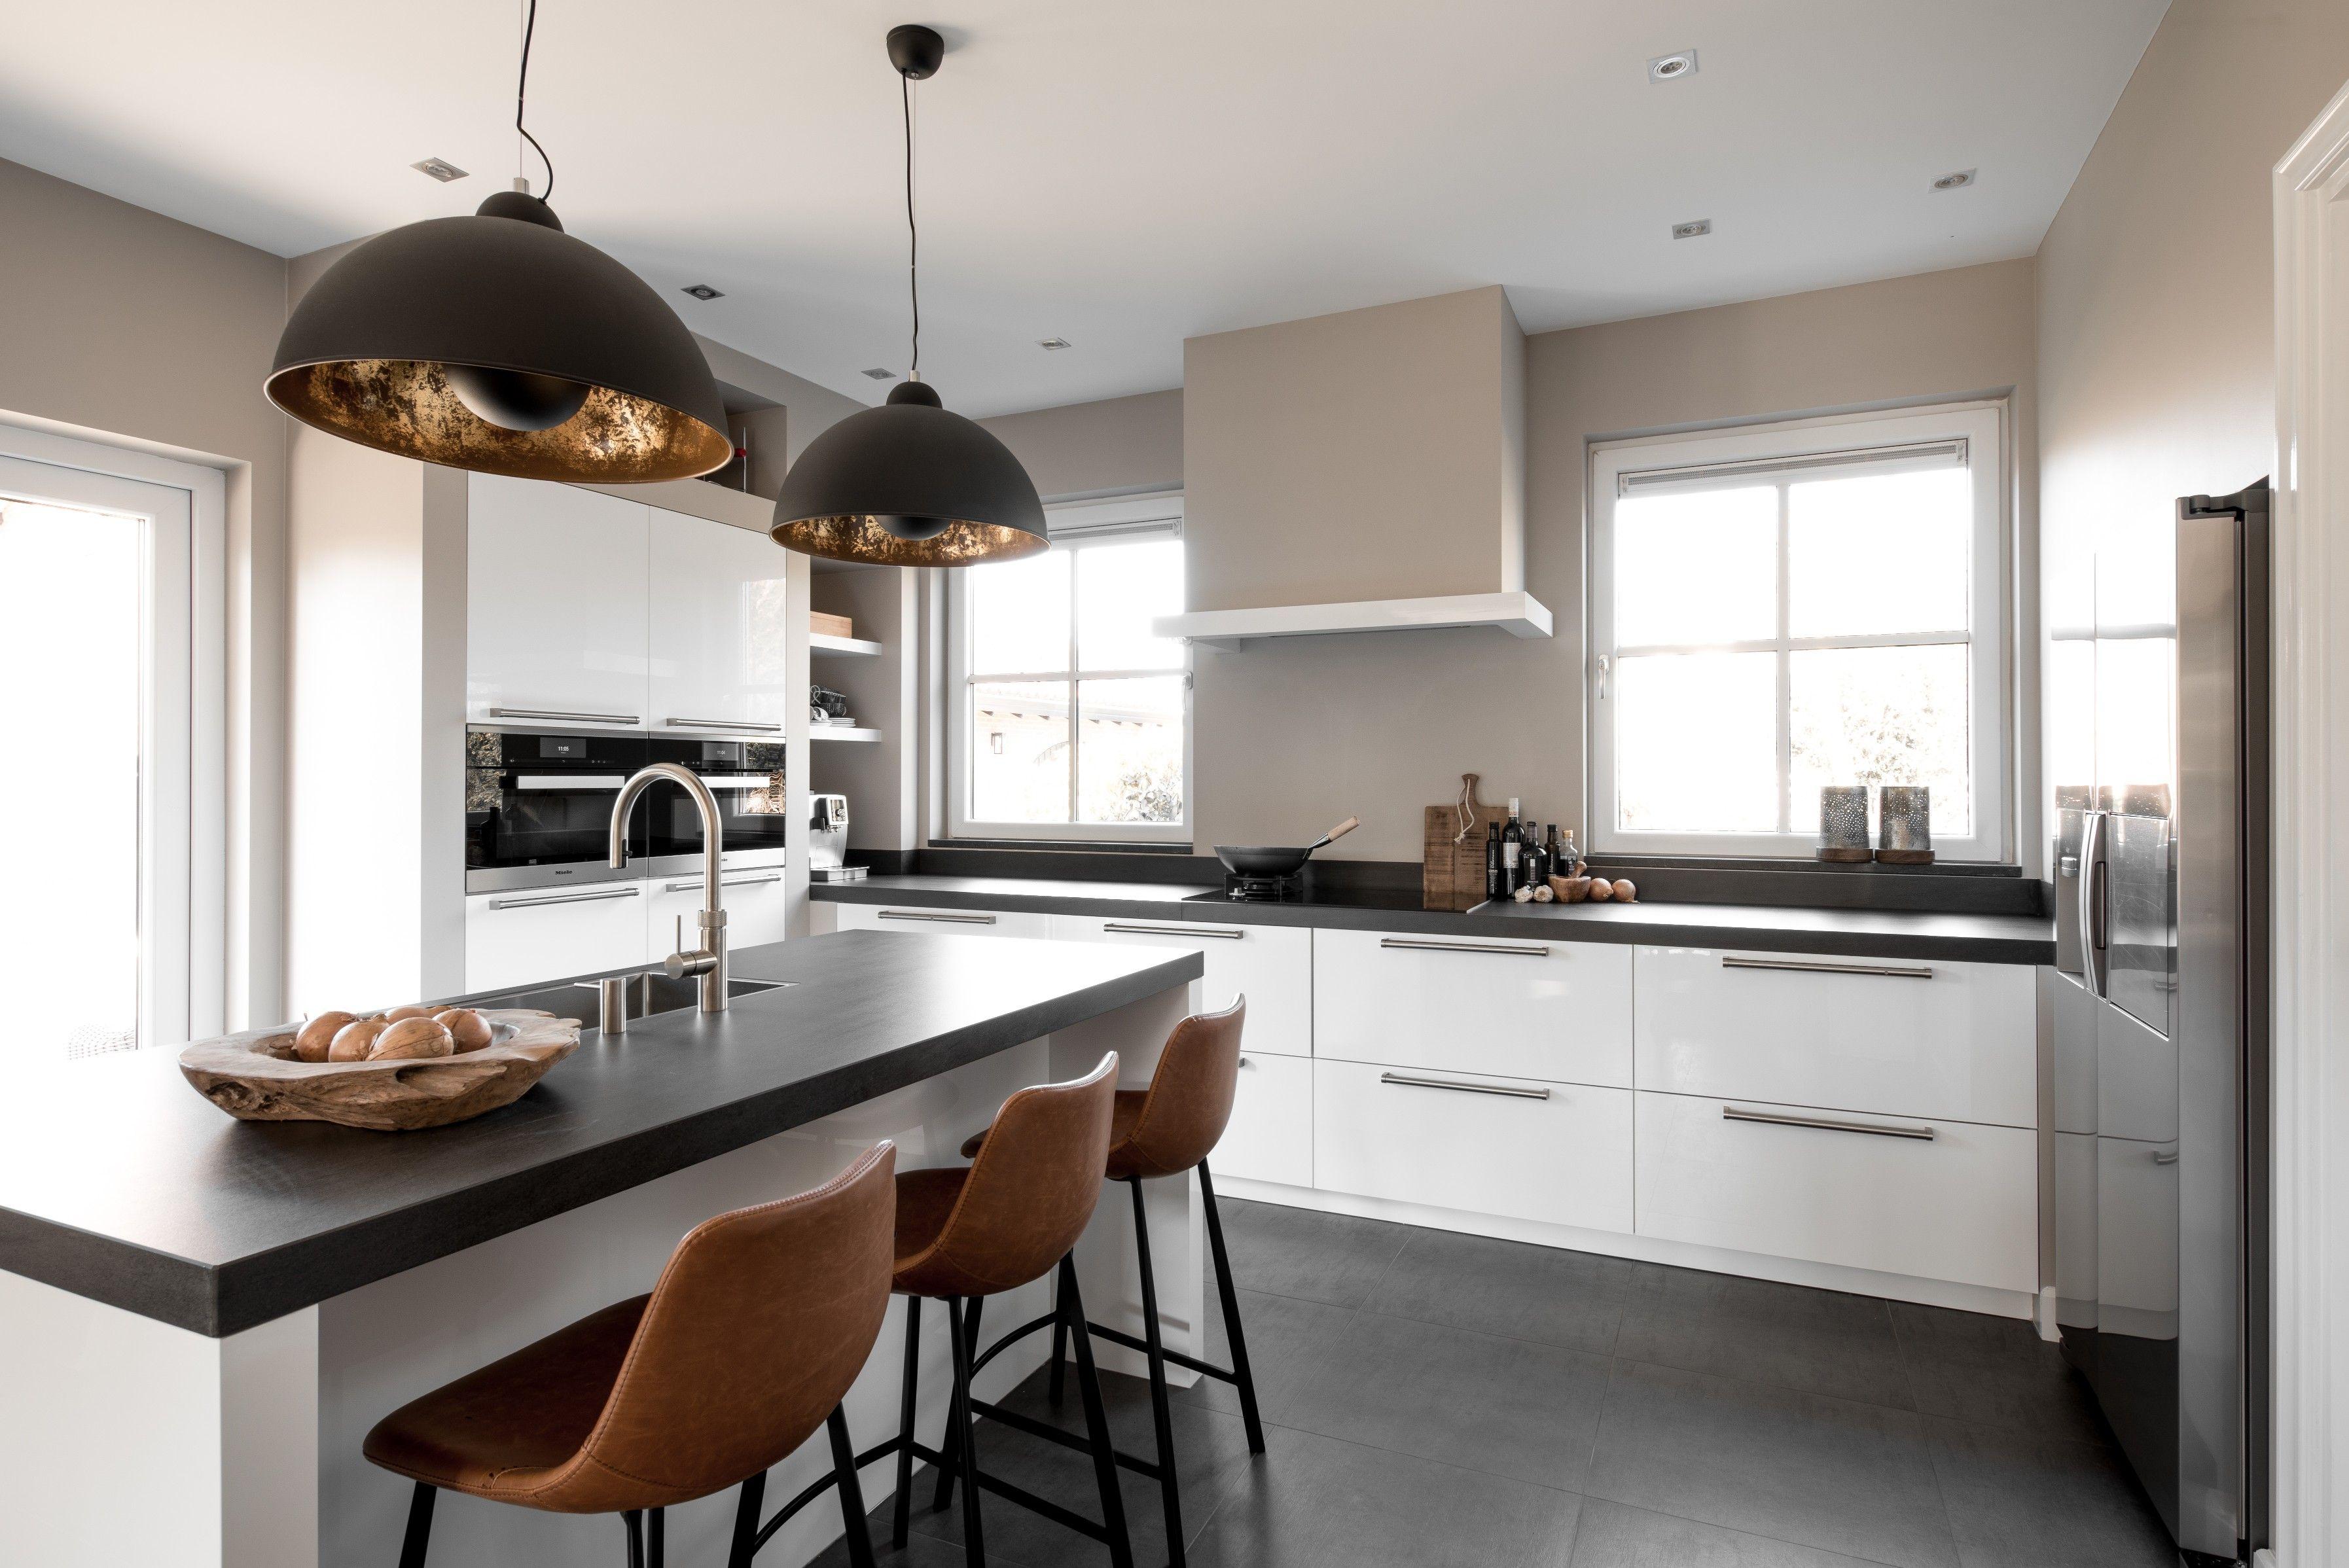 Deze Witte Eilandkeuken Van Middelkoop Combineert Zowel Elementen Van Een Landelijke Als Van Een Moderne Keuken Een Lan Ikea Keukenkasten Keuken L Vorm Keuken